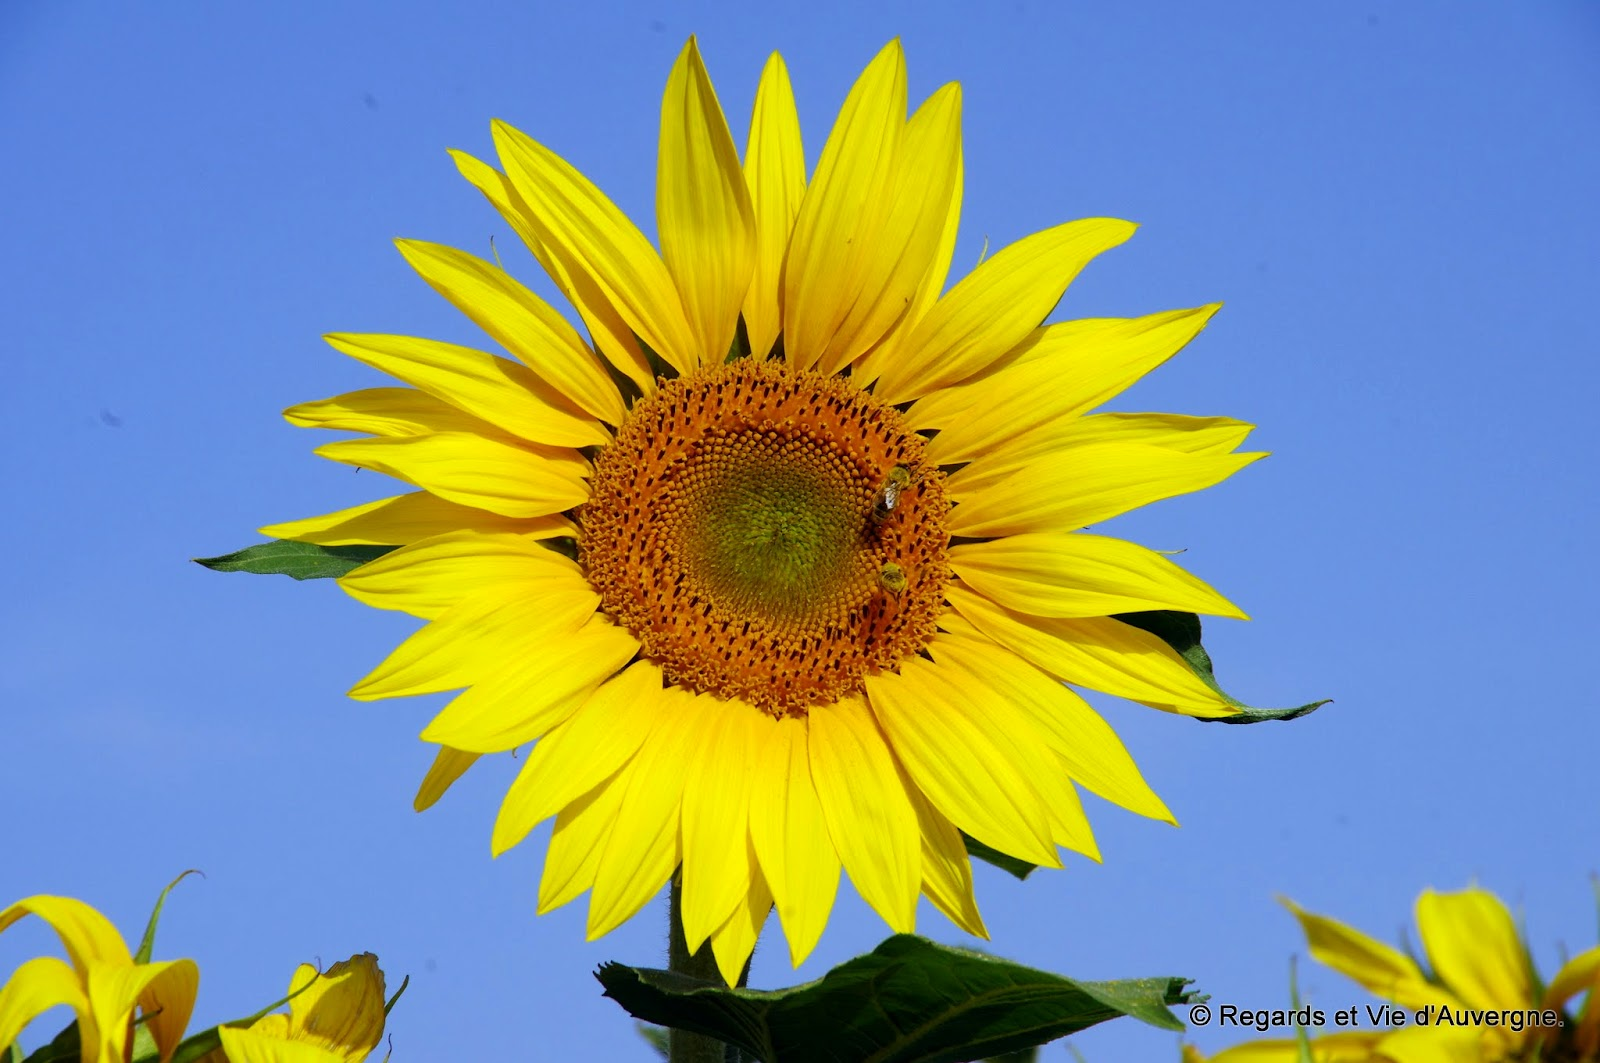 Regards et vie d 39 auvergne le blog sur l 39 auvergne tournesols et soleil - Fleur du soleil ...